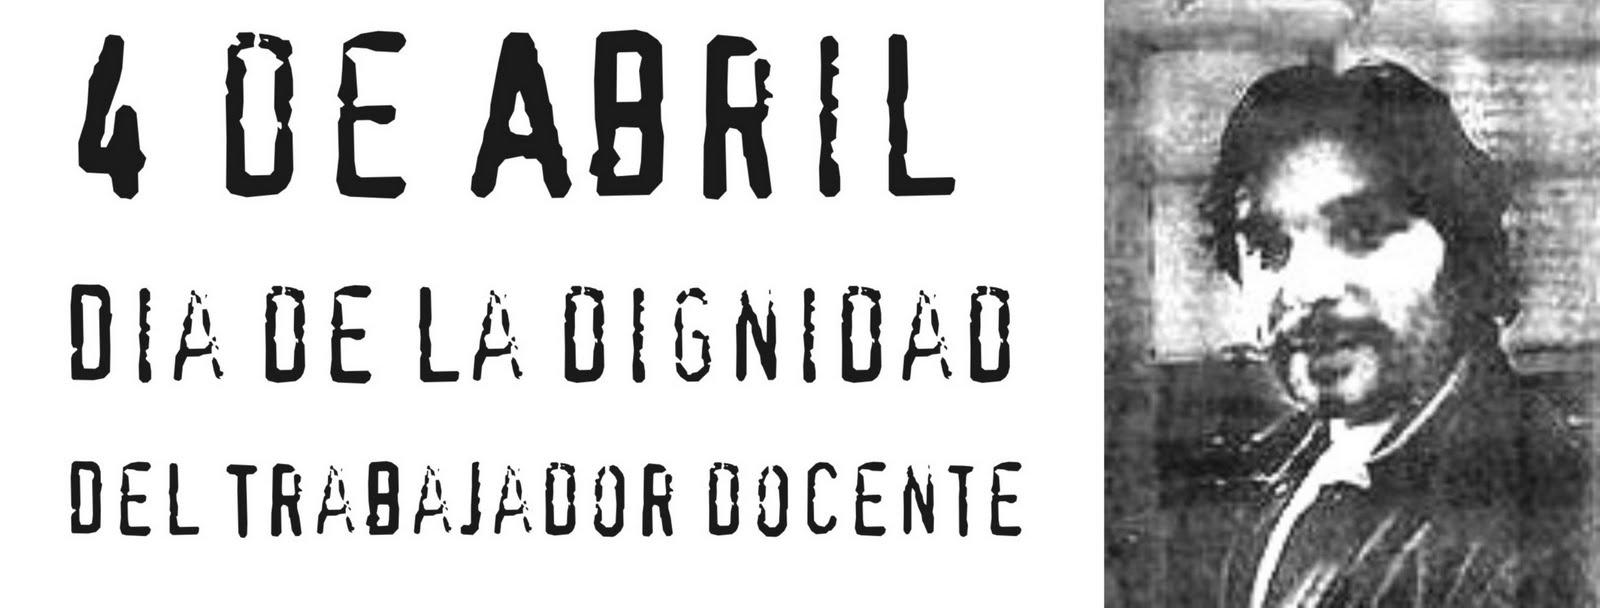 Suteba Grilla Salarial Docente 2015   newhairstylesformen2014.com